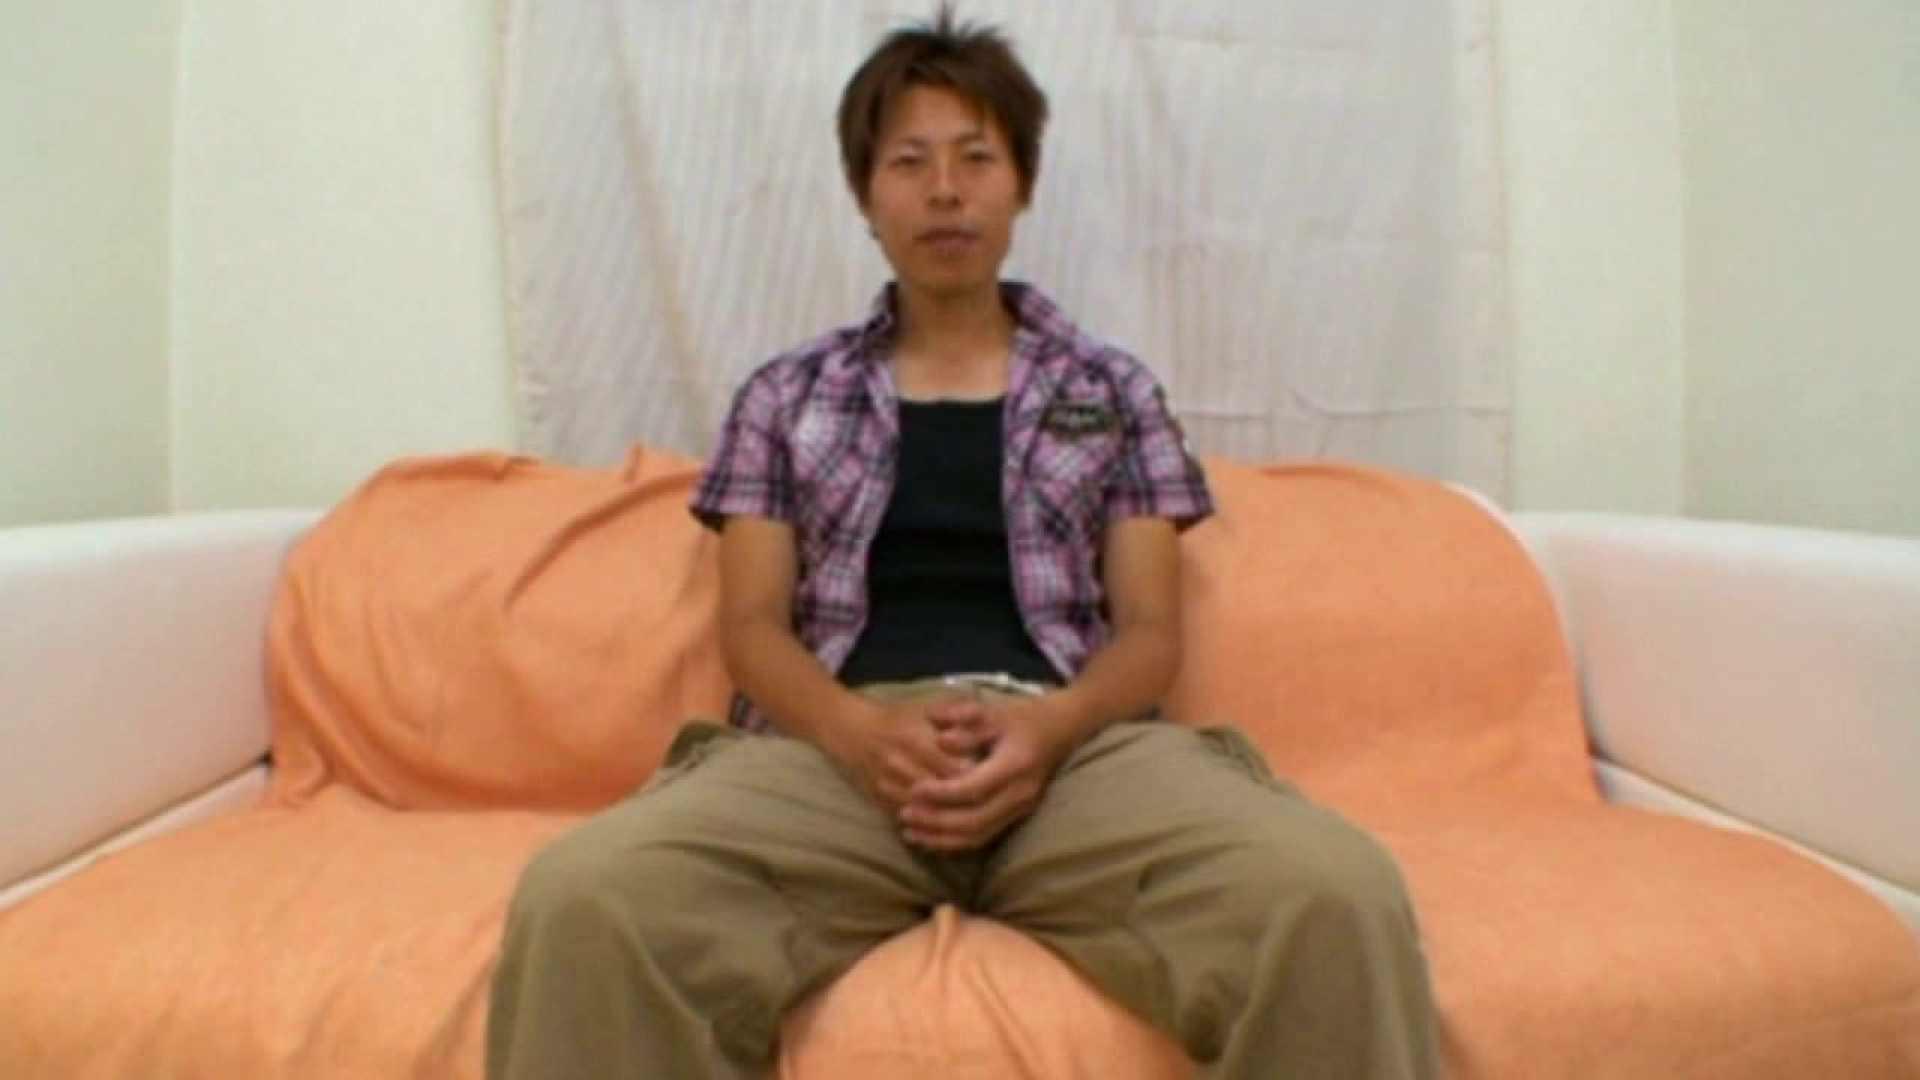 ノンケ!自慰スタジオ No.10 自慰シーン   素人盗撮 エロビデオ紹介 103枚 6